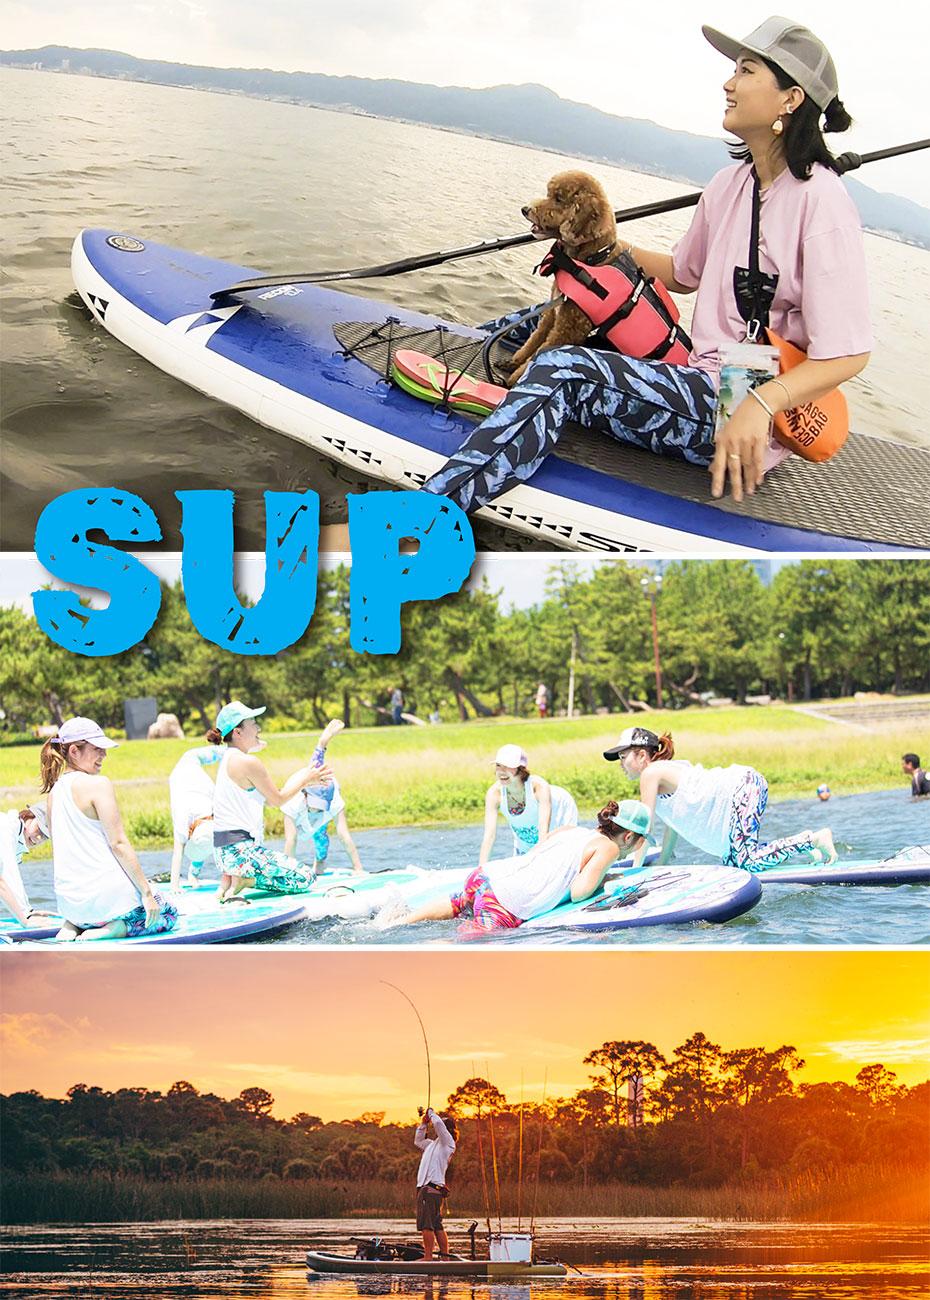 滋賀 草津 でSUP(サップ)やSUPFishing(サップフィッシング)が楽しめる!